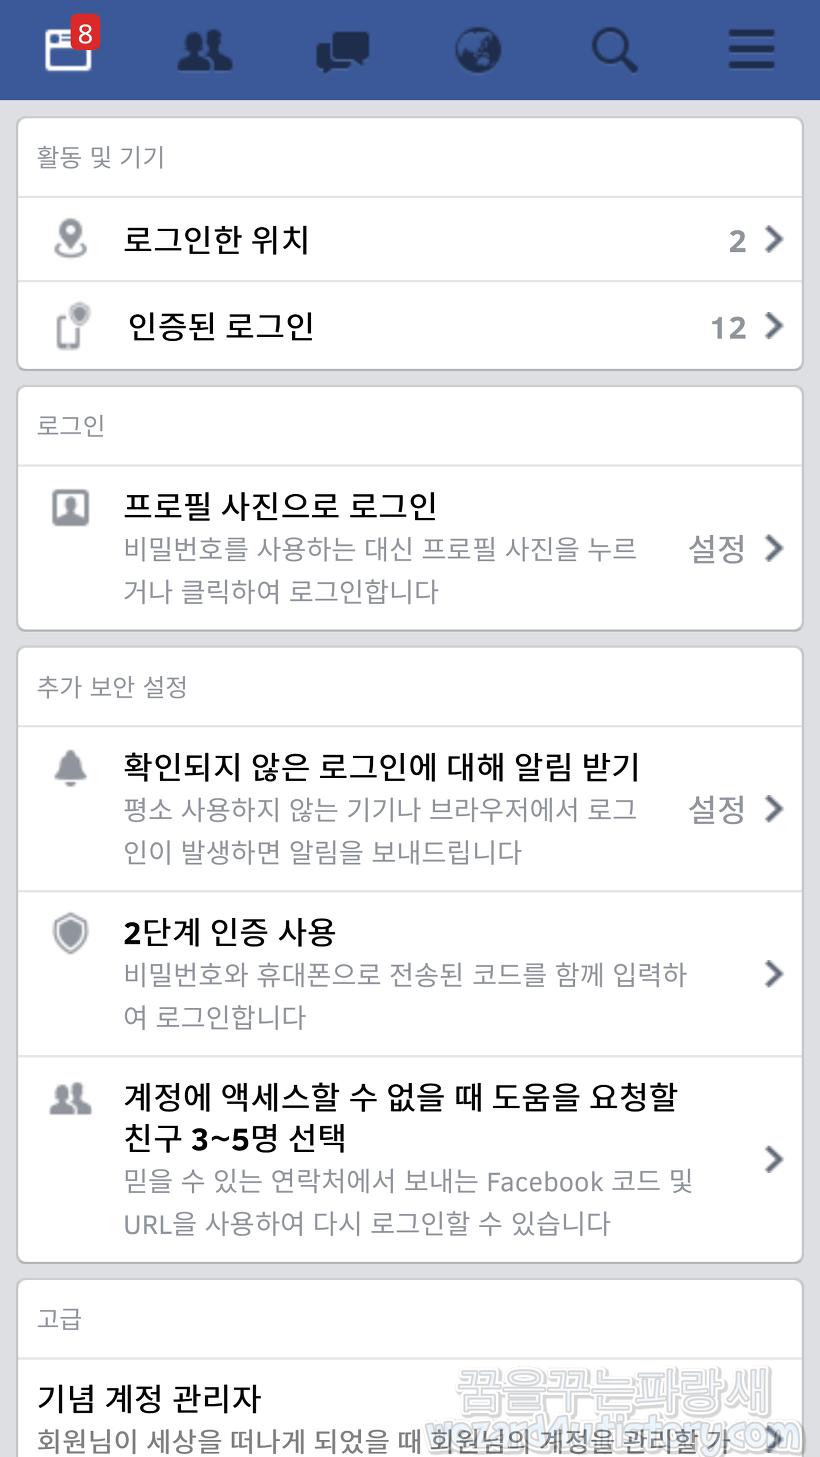 페이스북 해킹 확인 하는 방법